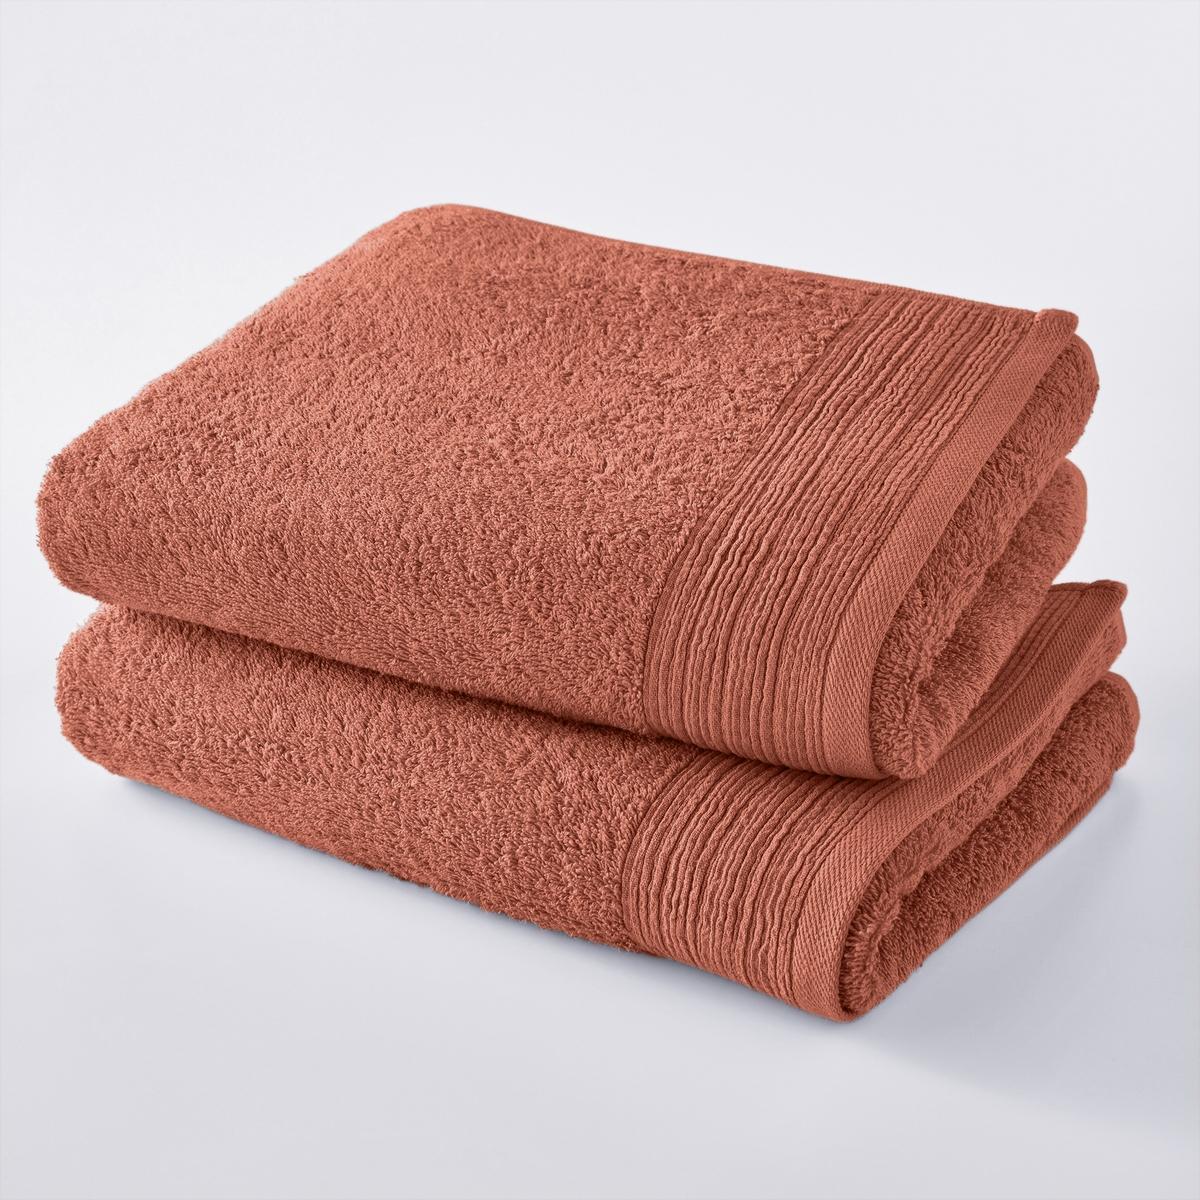 2 полотенца из 100% биохлопка